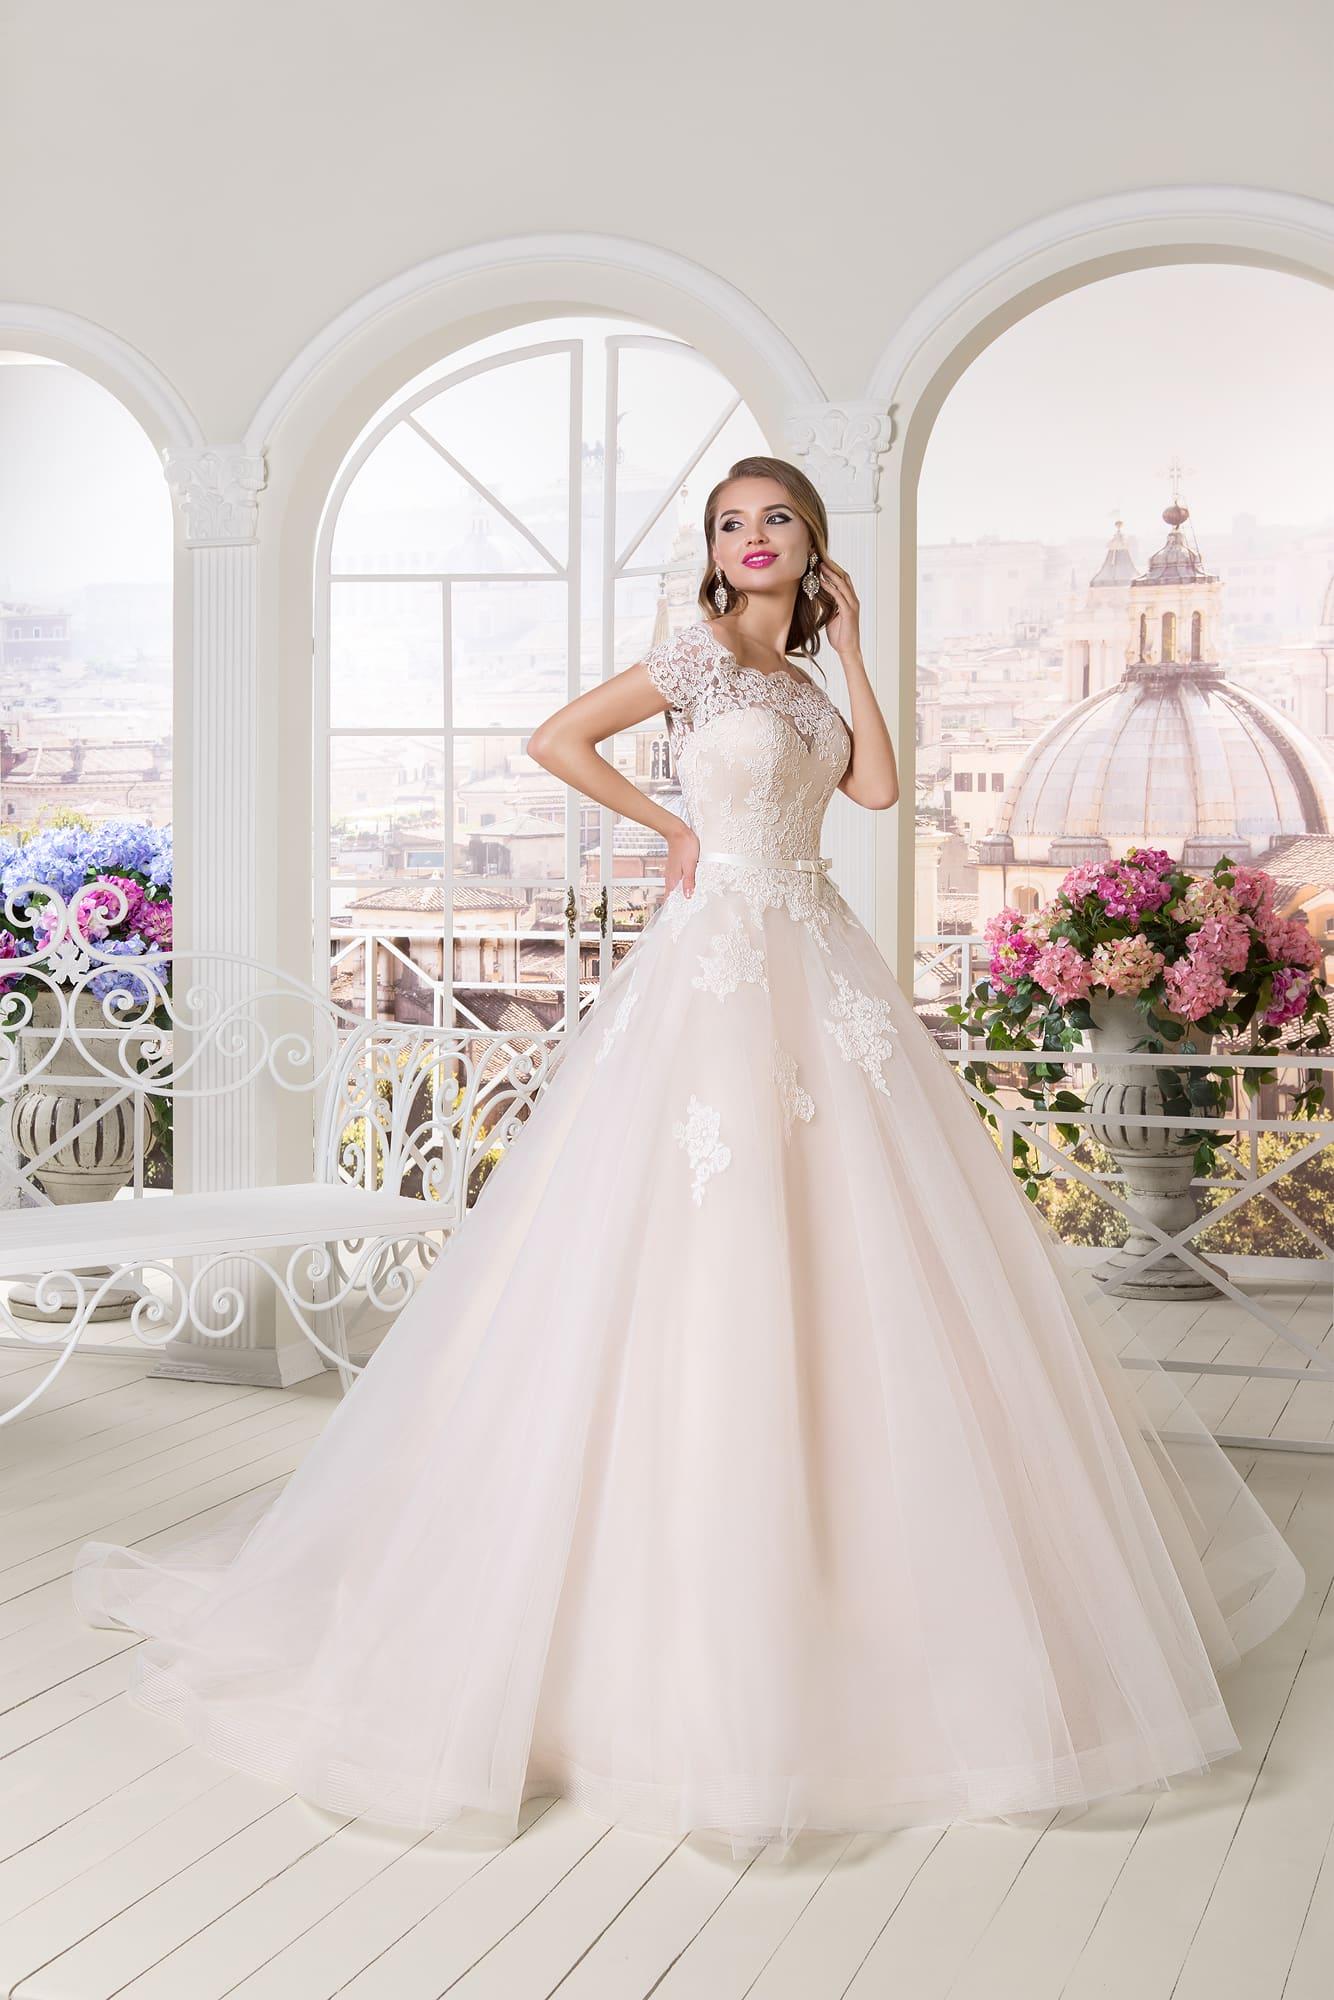 Кремовое свадебное платье с воздушной пышной юбкой и кружевными аппликациями.